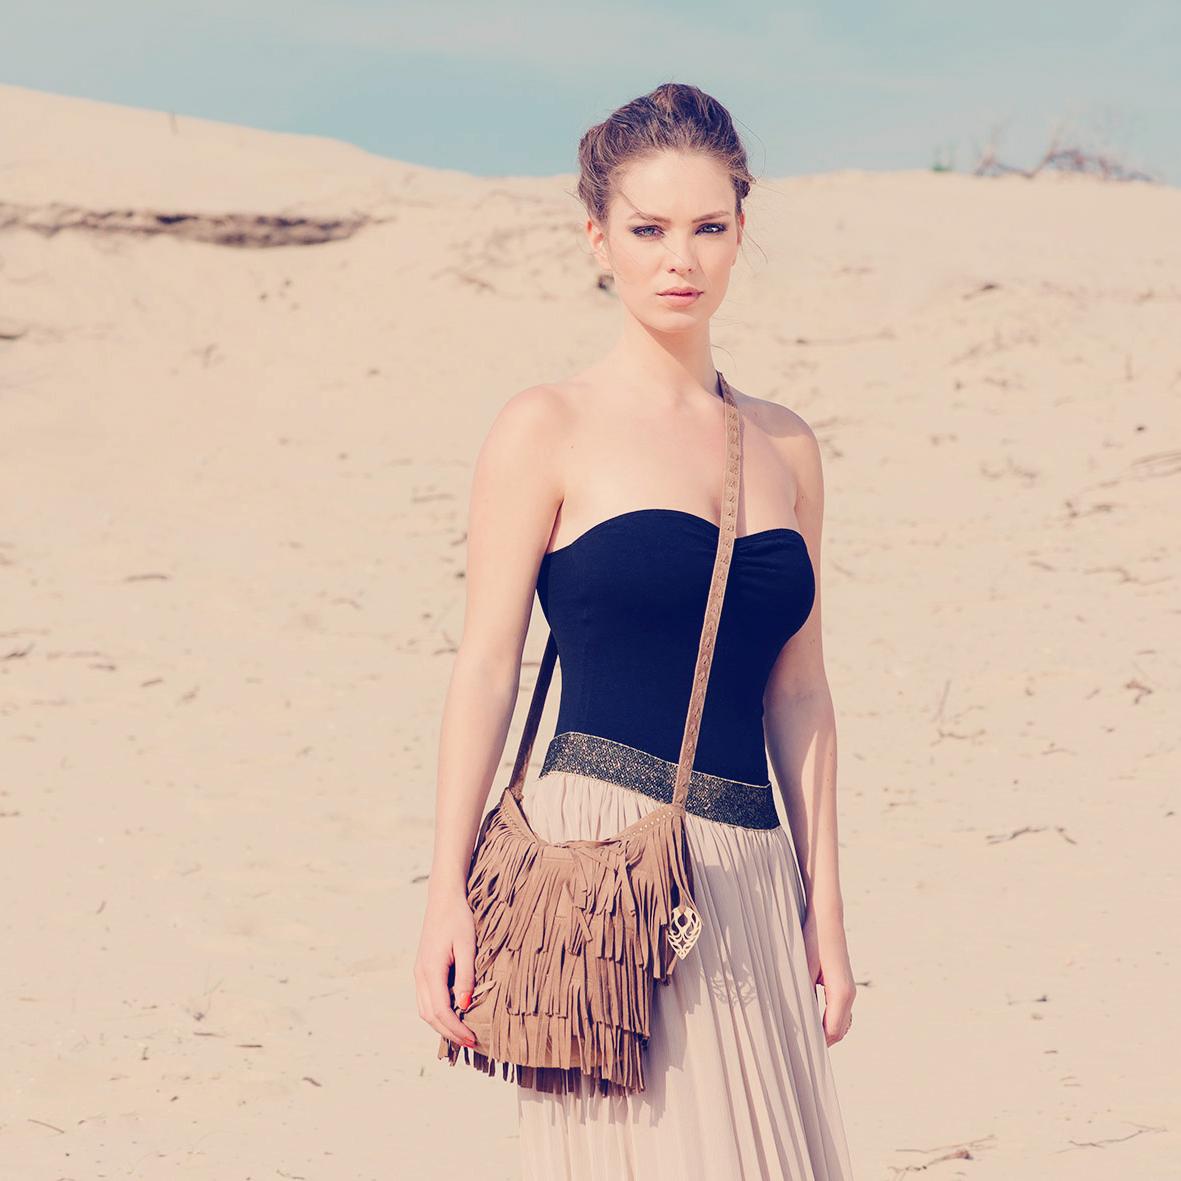 43c201f3c7c8 Luna camel - Treasures Design - Leather Fashion Accessories